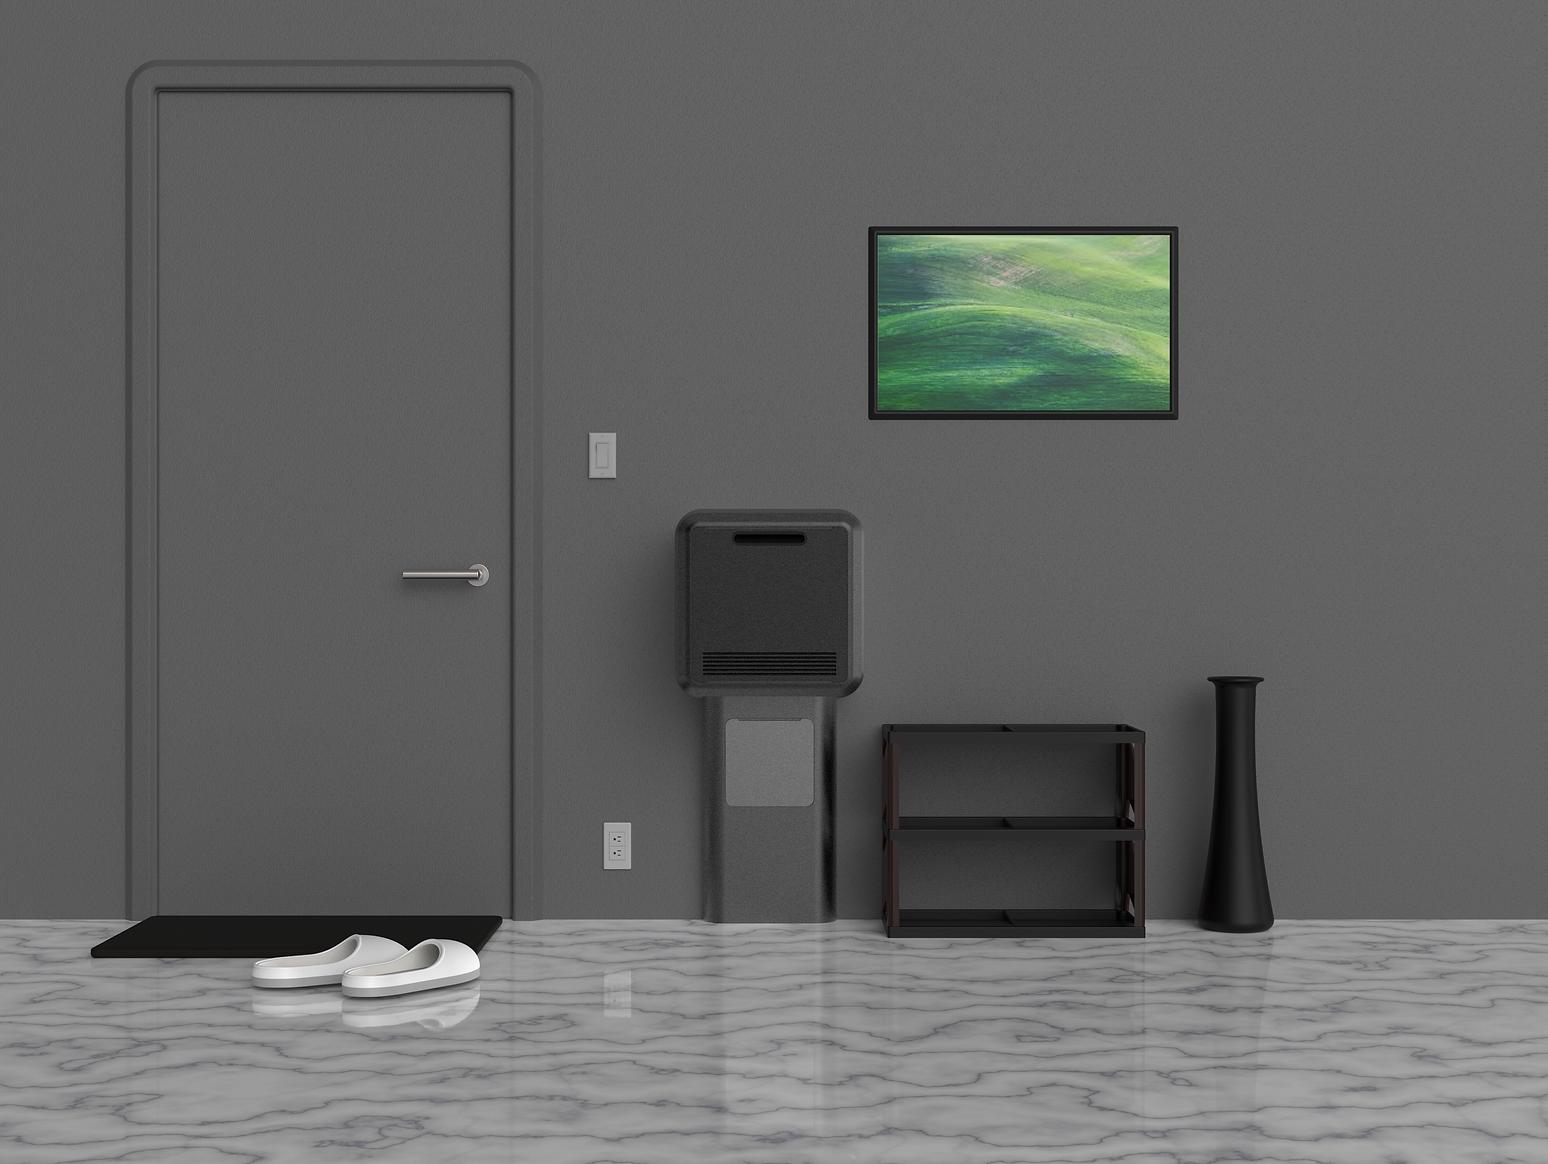 ind521_keyshot_homebox_indoor.png